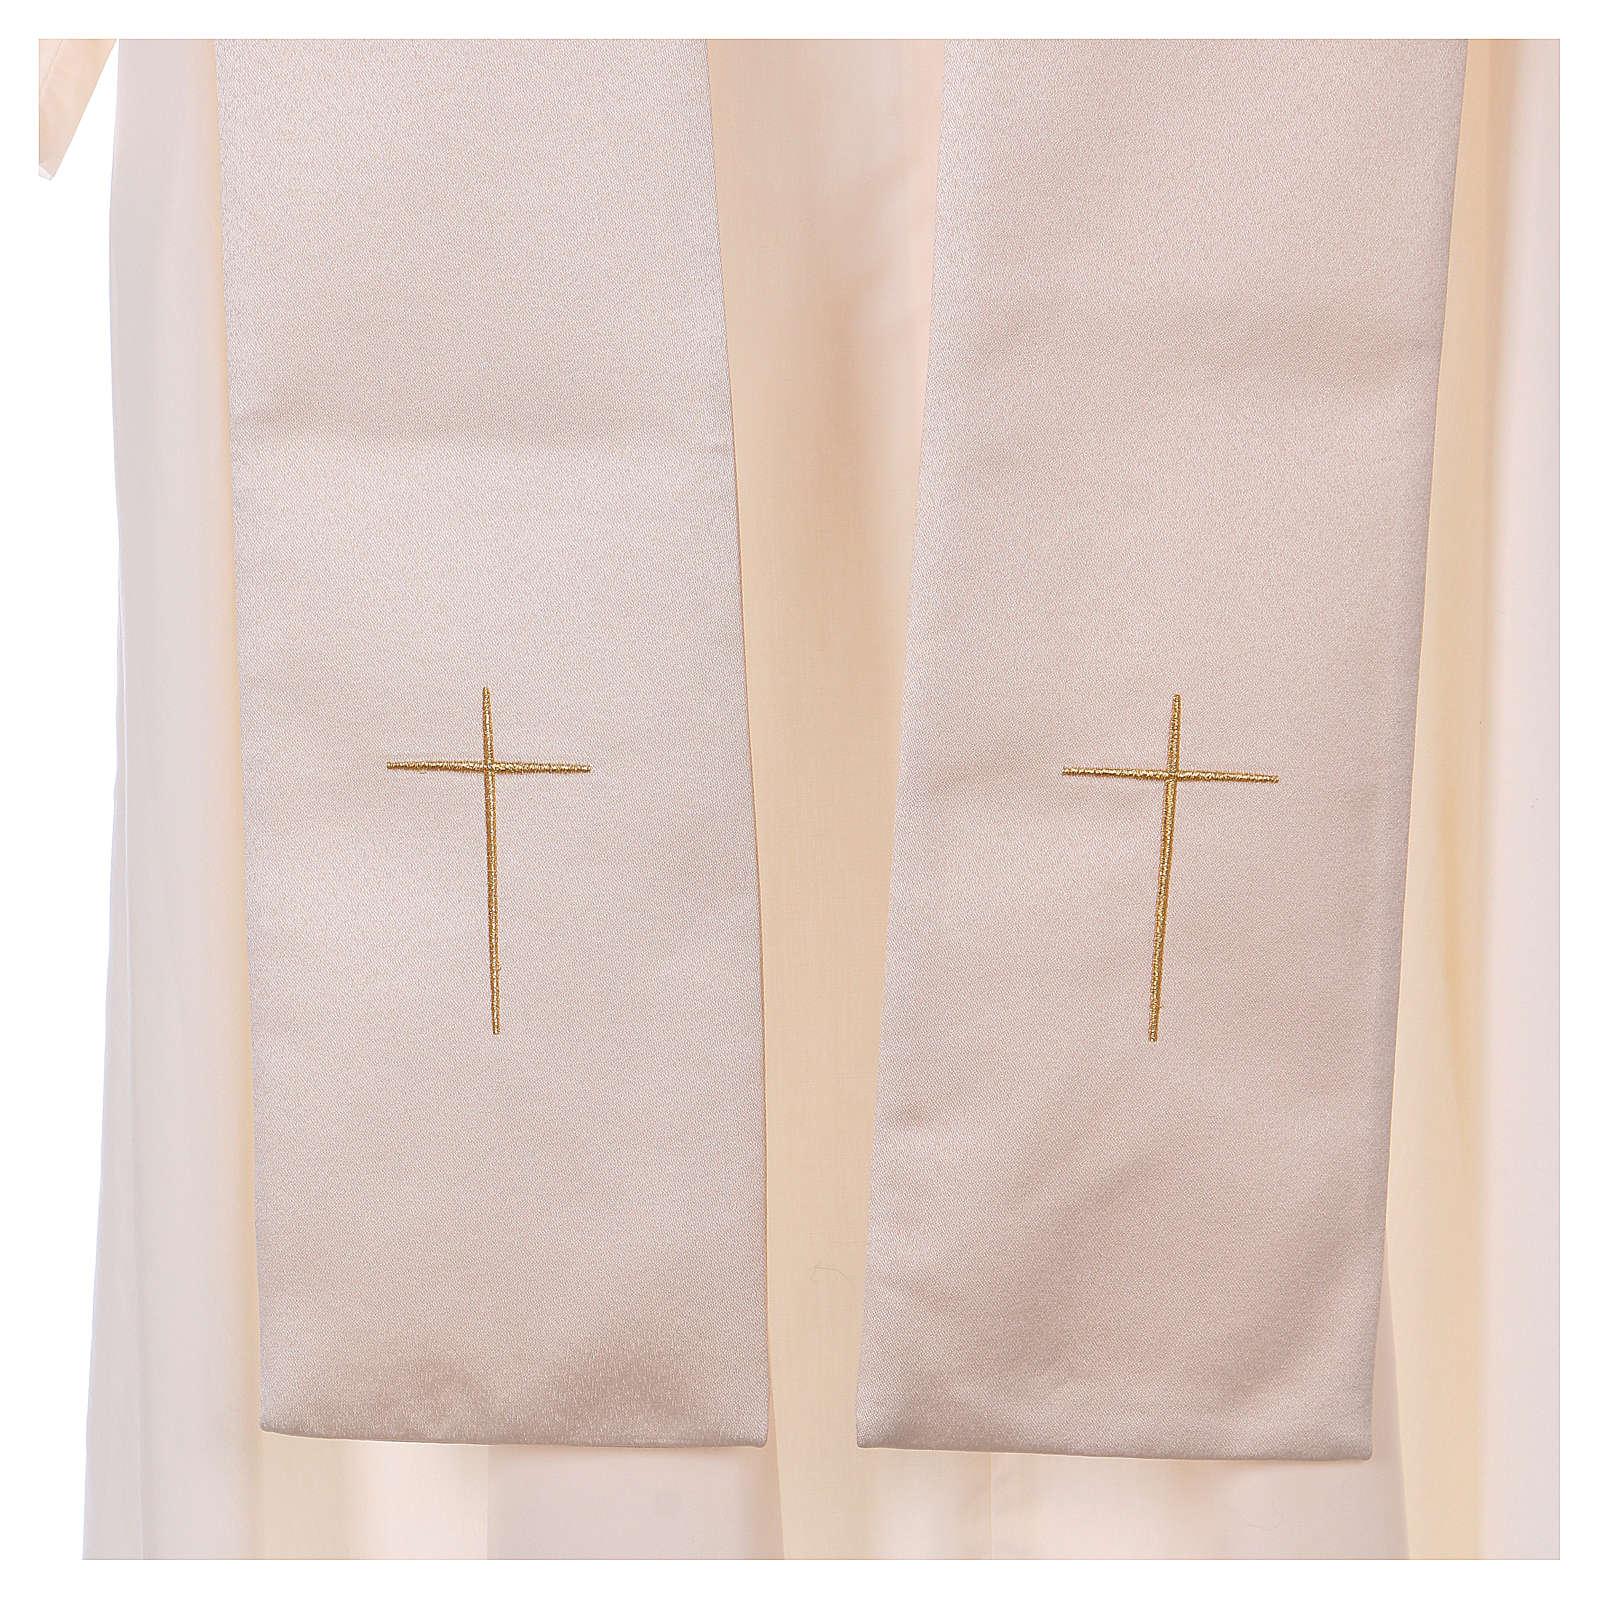 Piviale gancio e decorazioni oro 100% poliestere 4